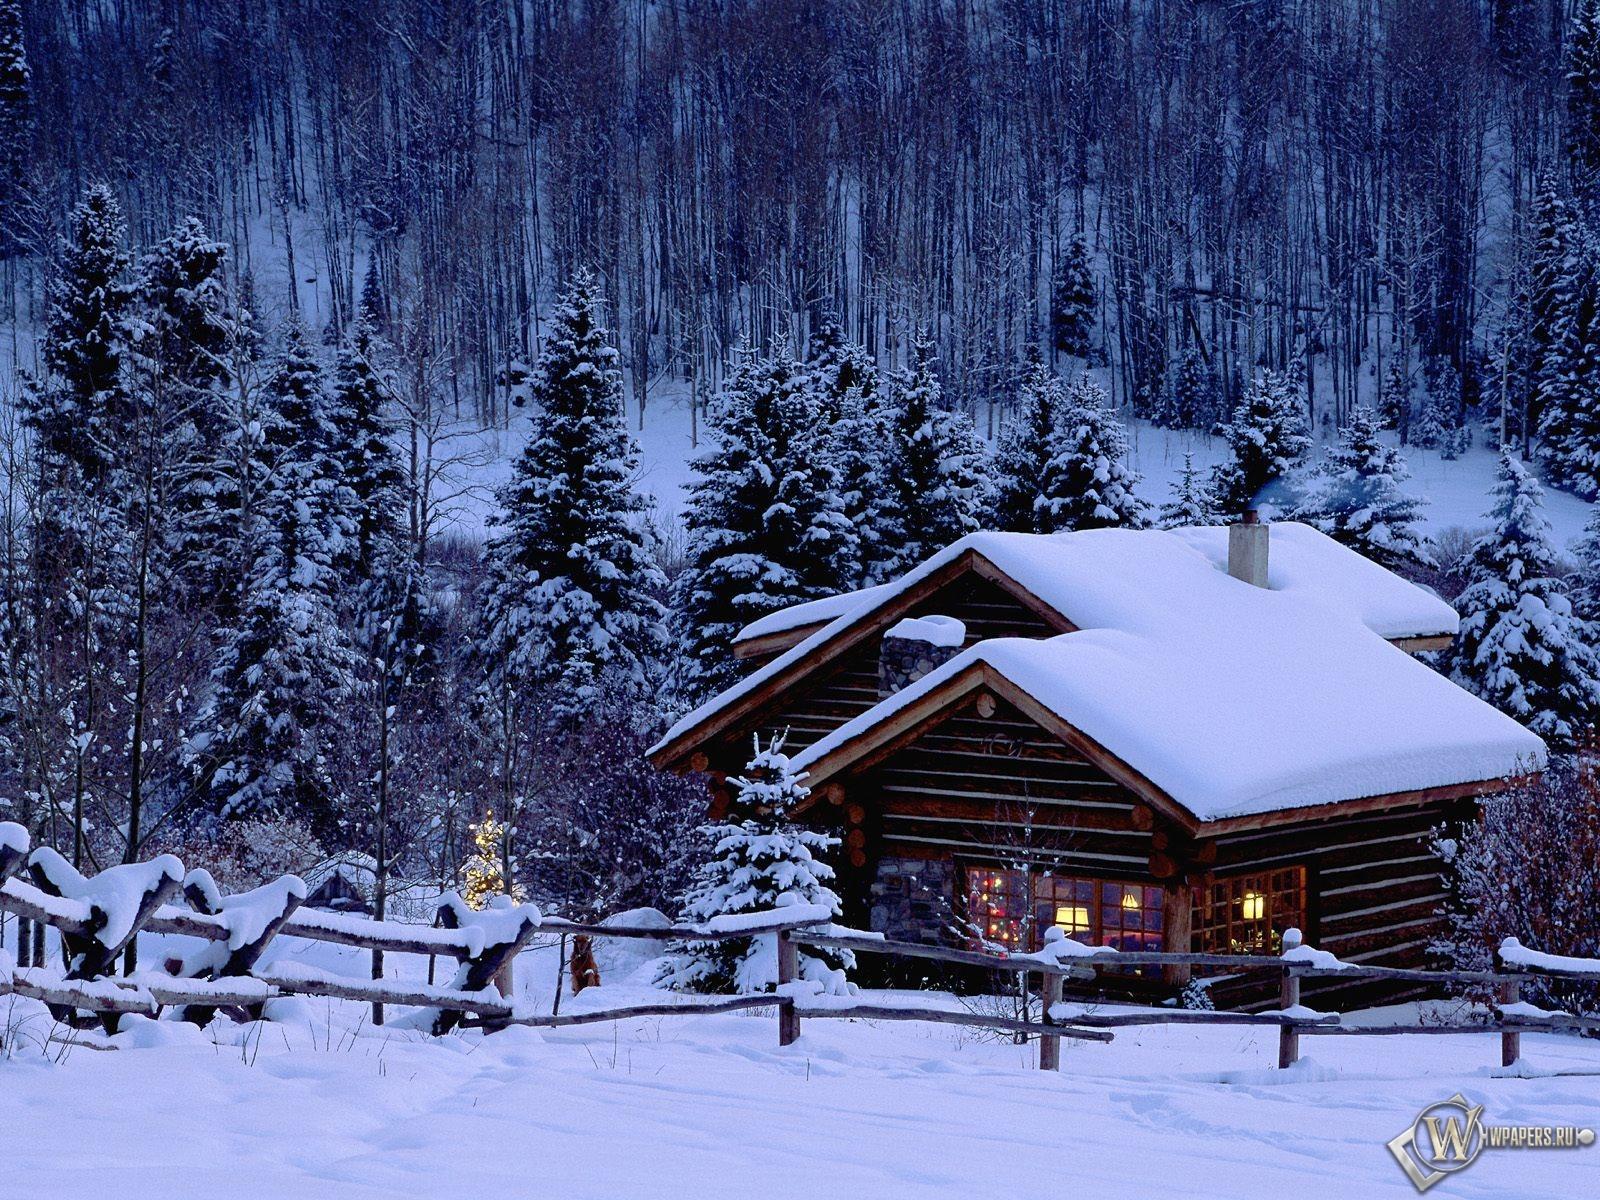 Домик в зимнем лесу 1600x1200